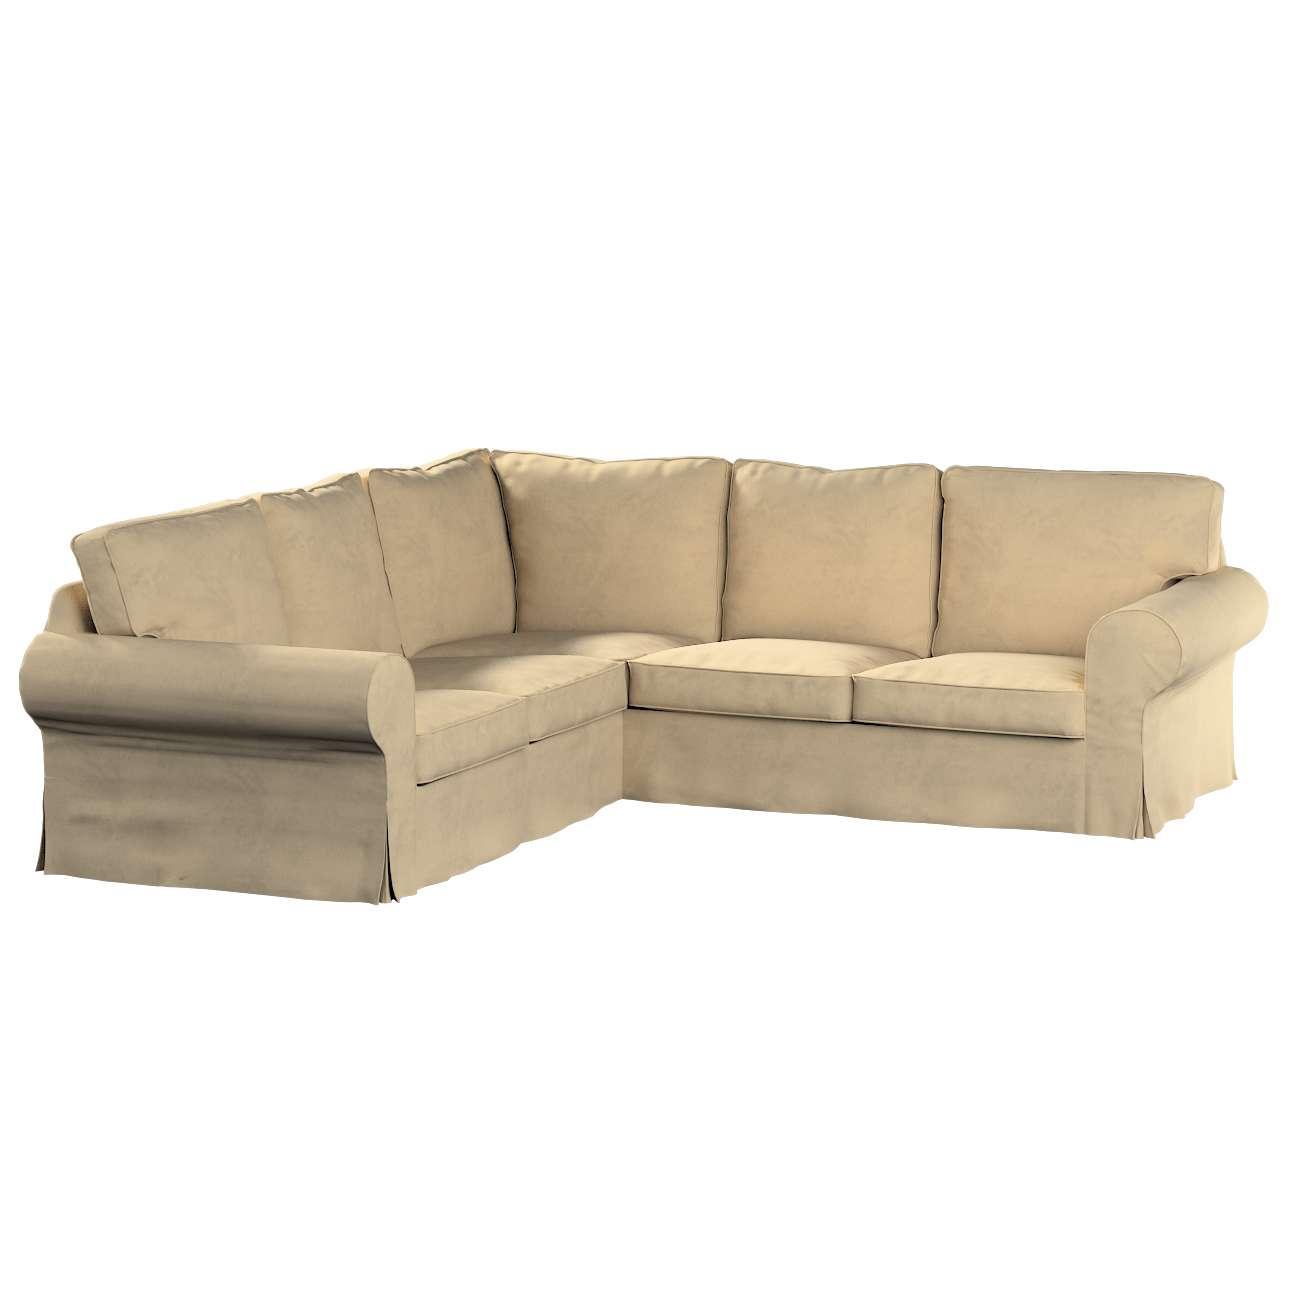 Pokrowiec na sofę narożną Ektorp w kolekcji Living II, tkanina: 160-82